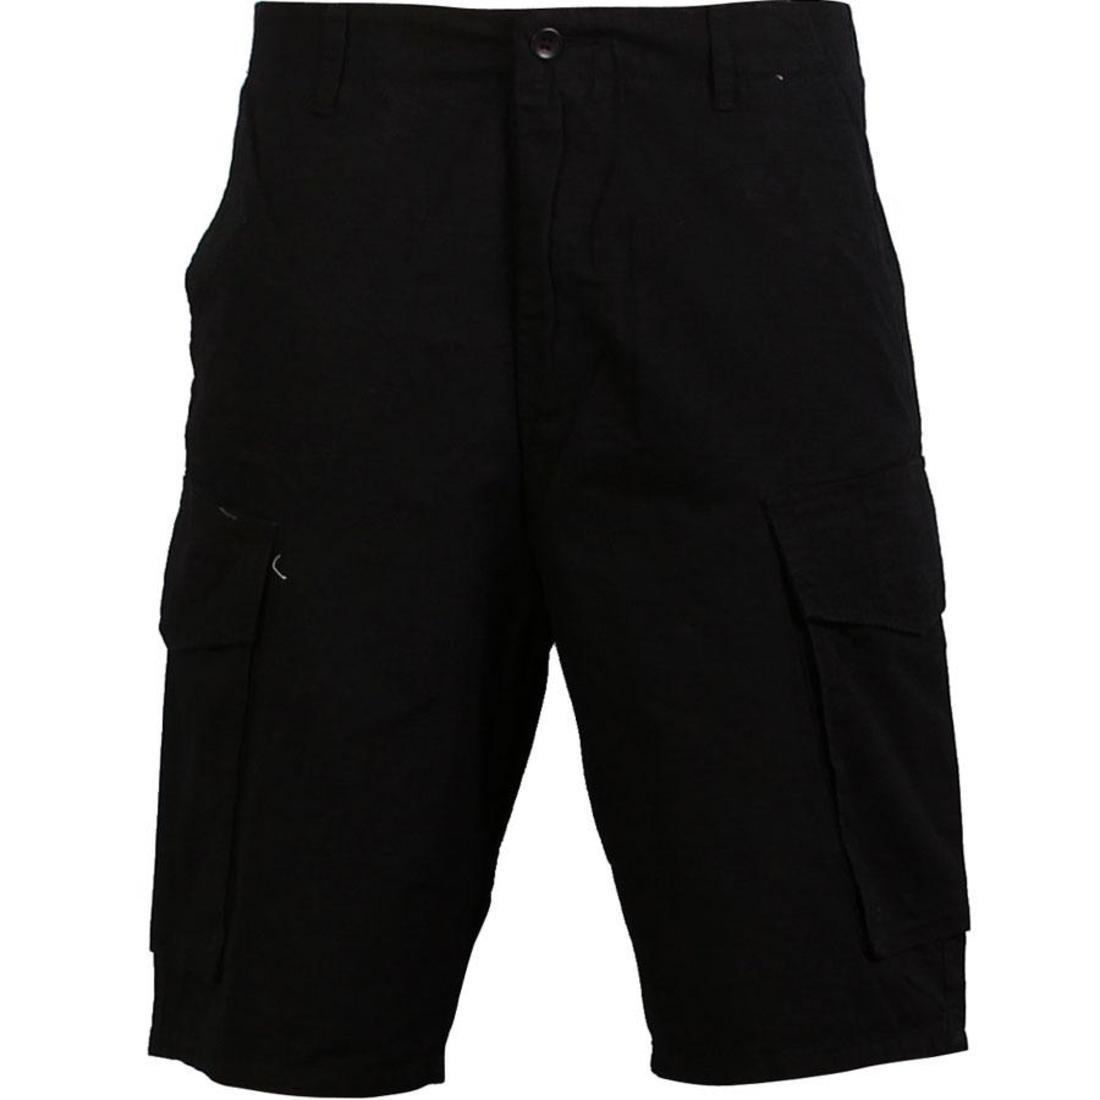 UNDEFEATED カーゴ ショーツ ハーフパンツ 黒 ブラック 【 BLACK UNDEFEATED JUNGLE CARGO SHORTS 】 メンズファッション ズボン パンツ